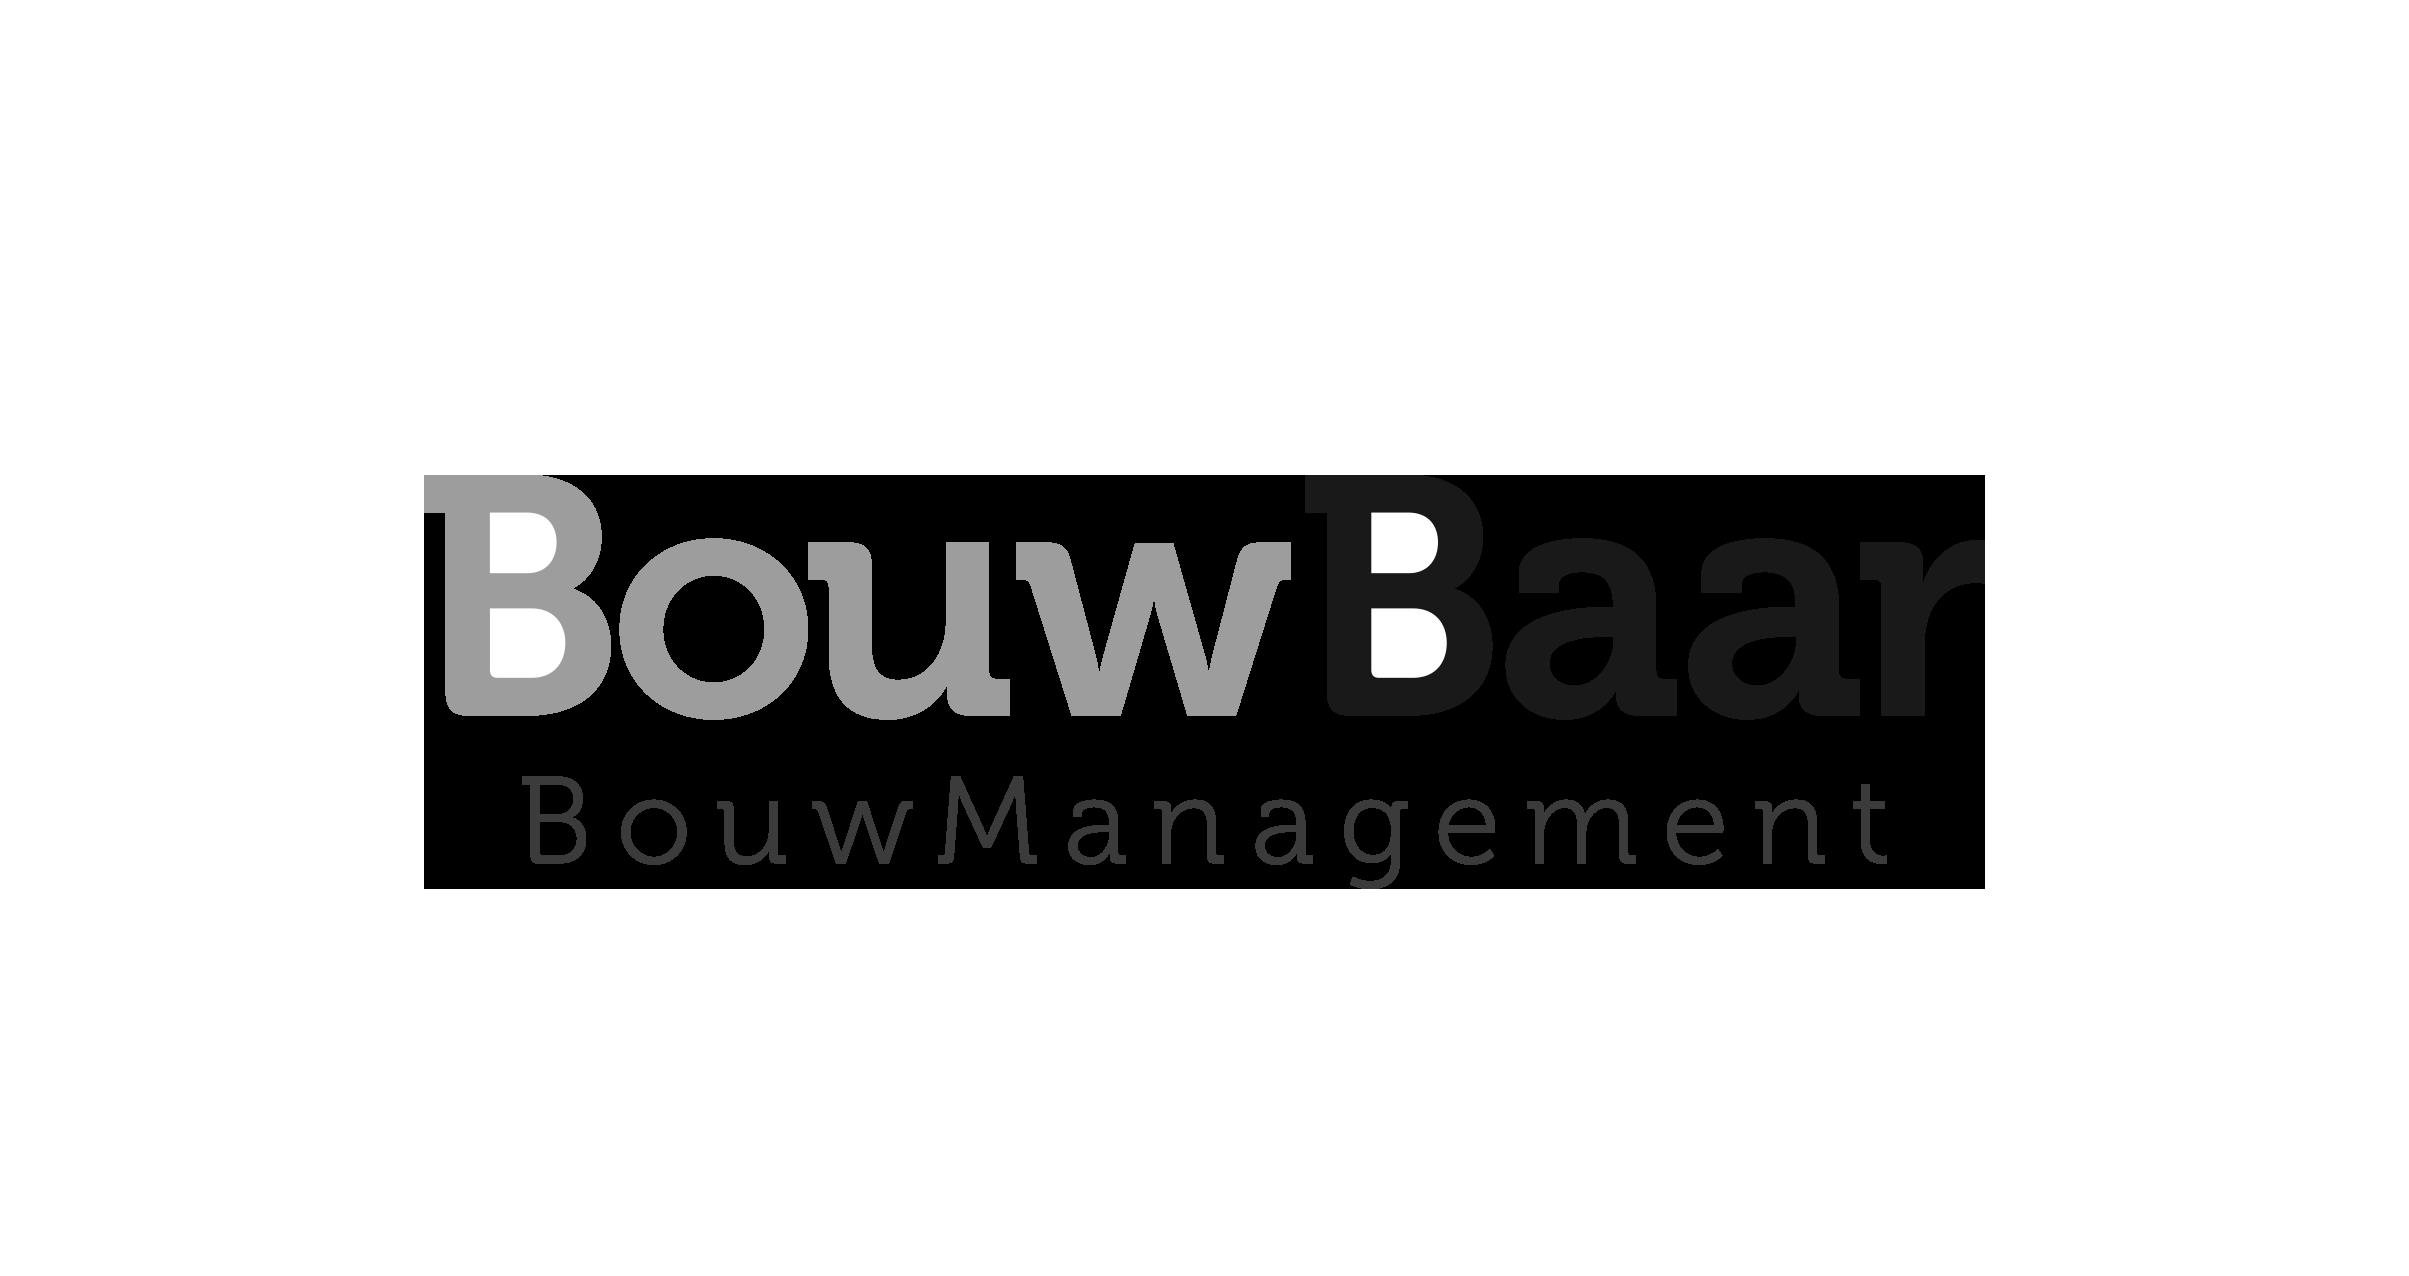 Bouwbaar Bouwmanagement